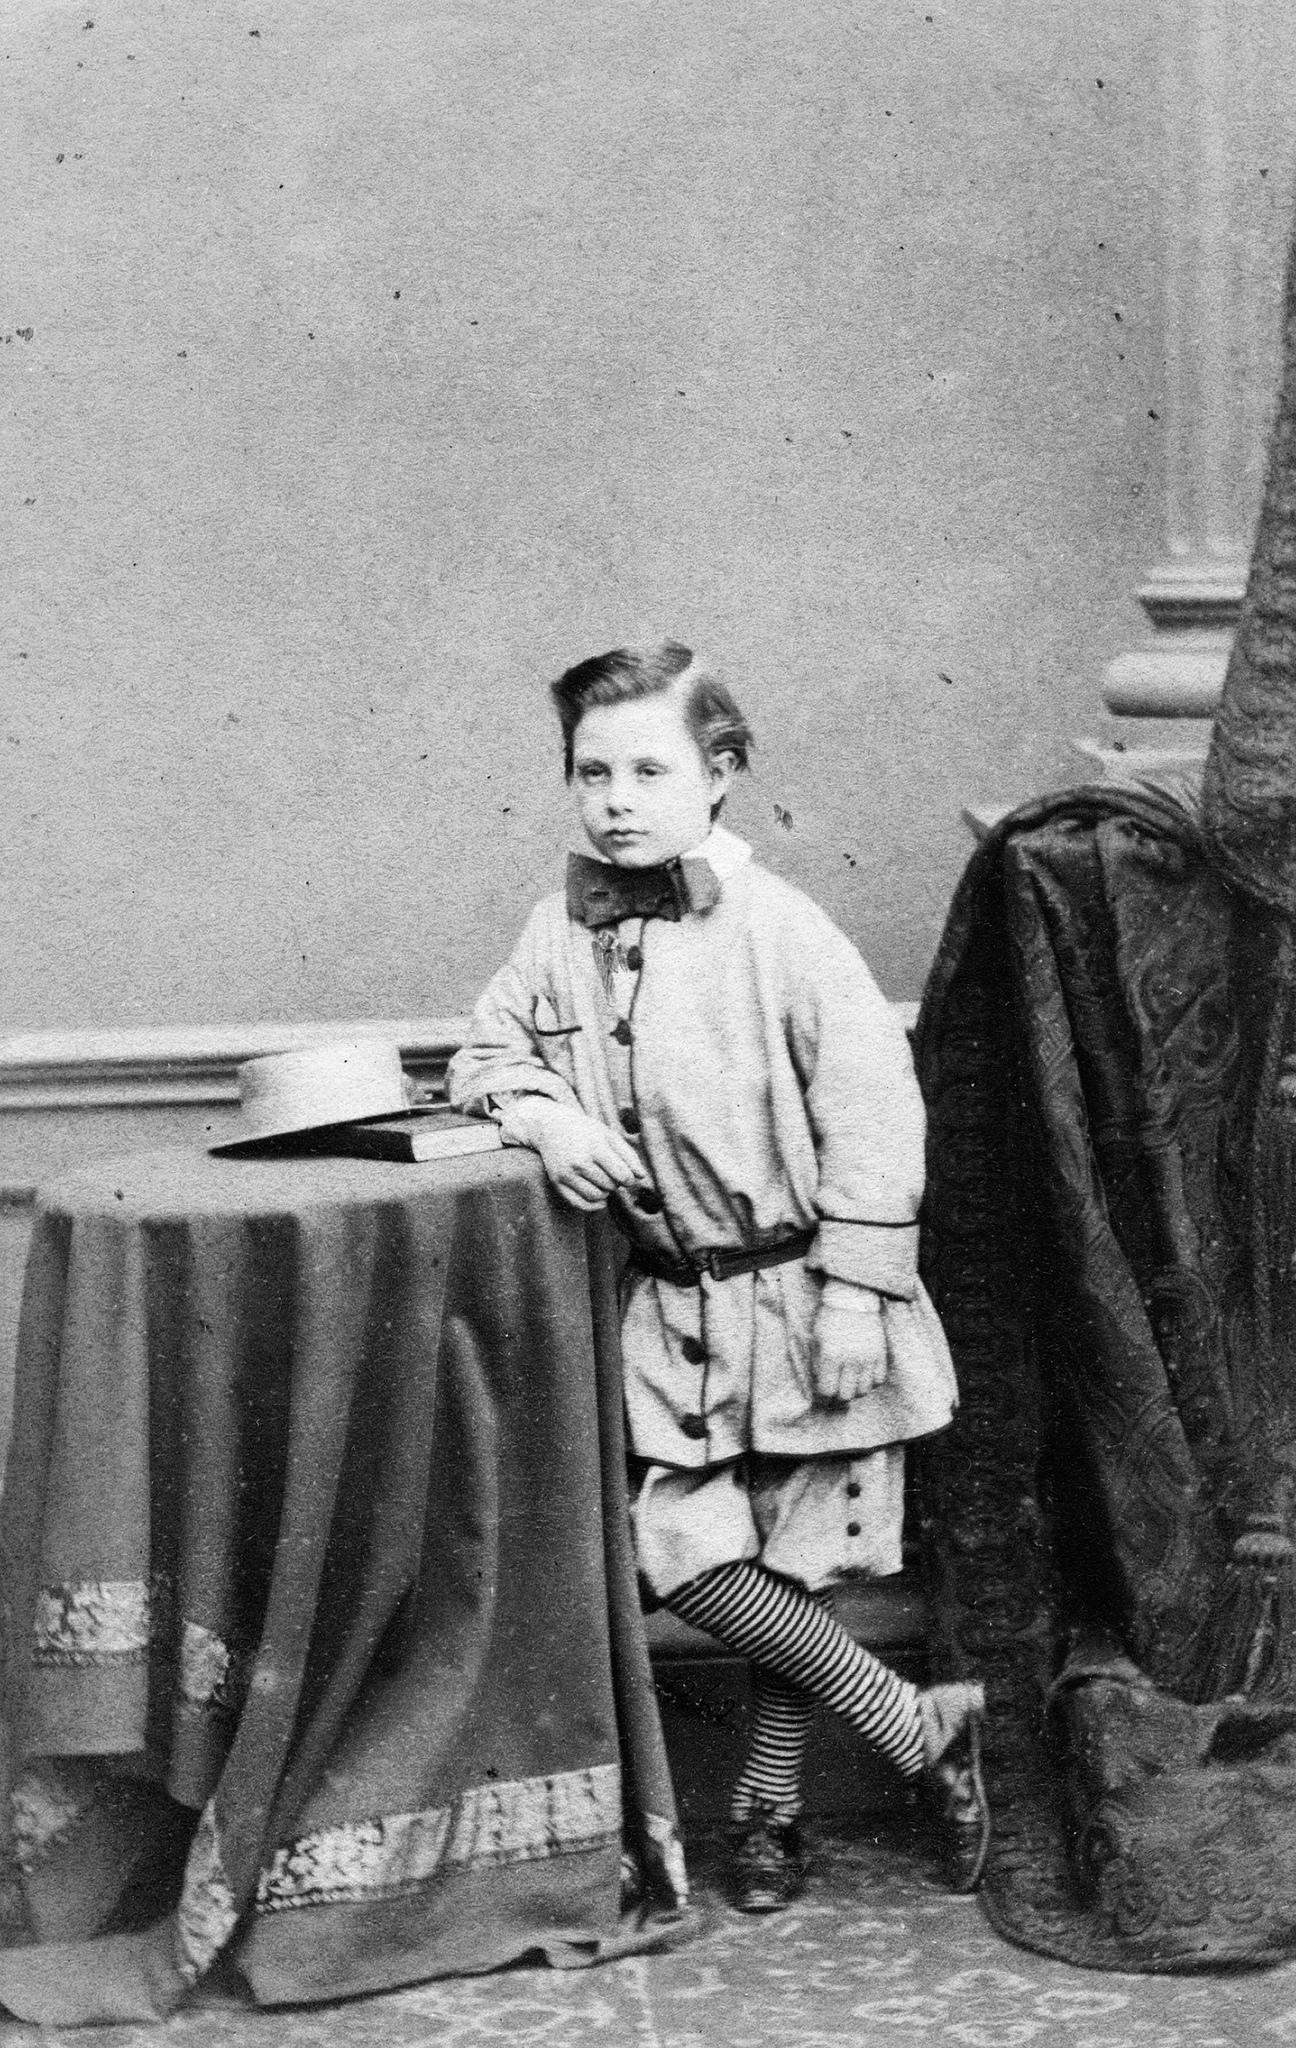 1865. Неизвестный мальчик